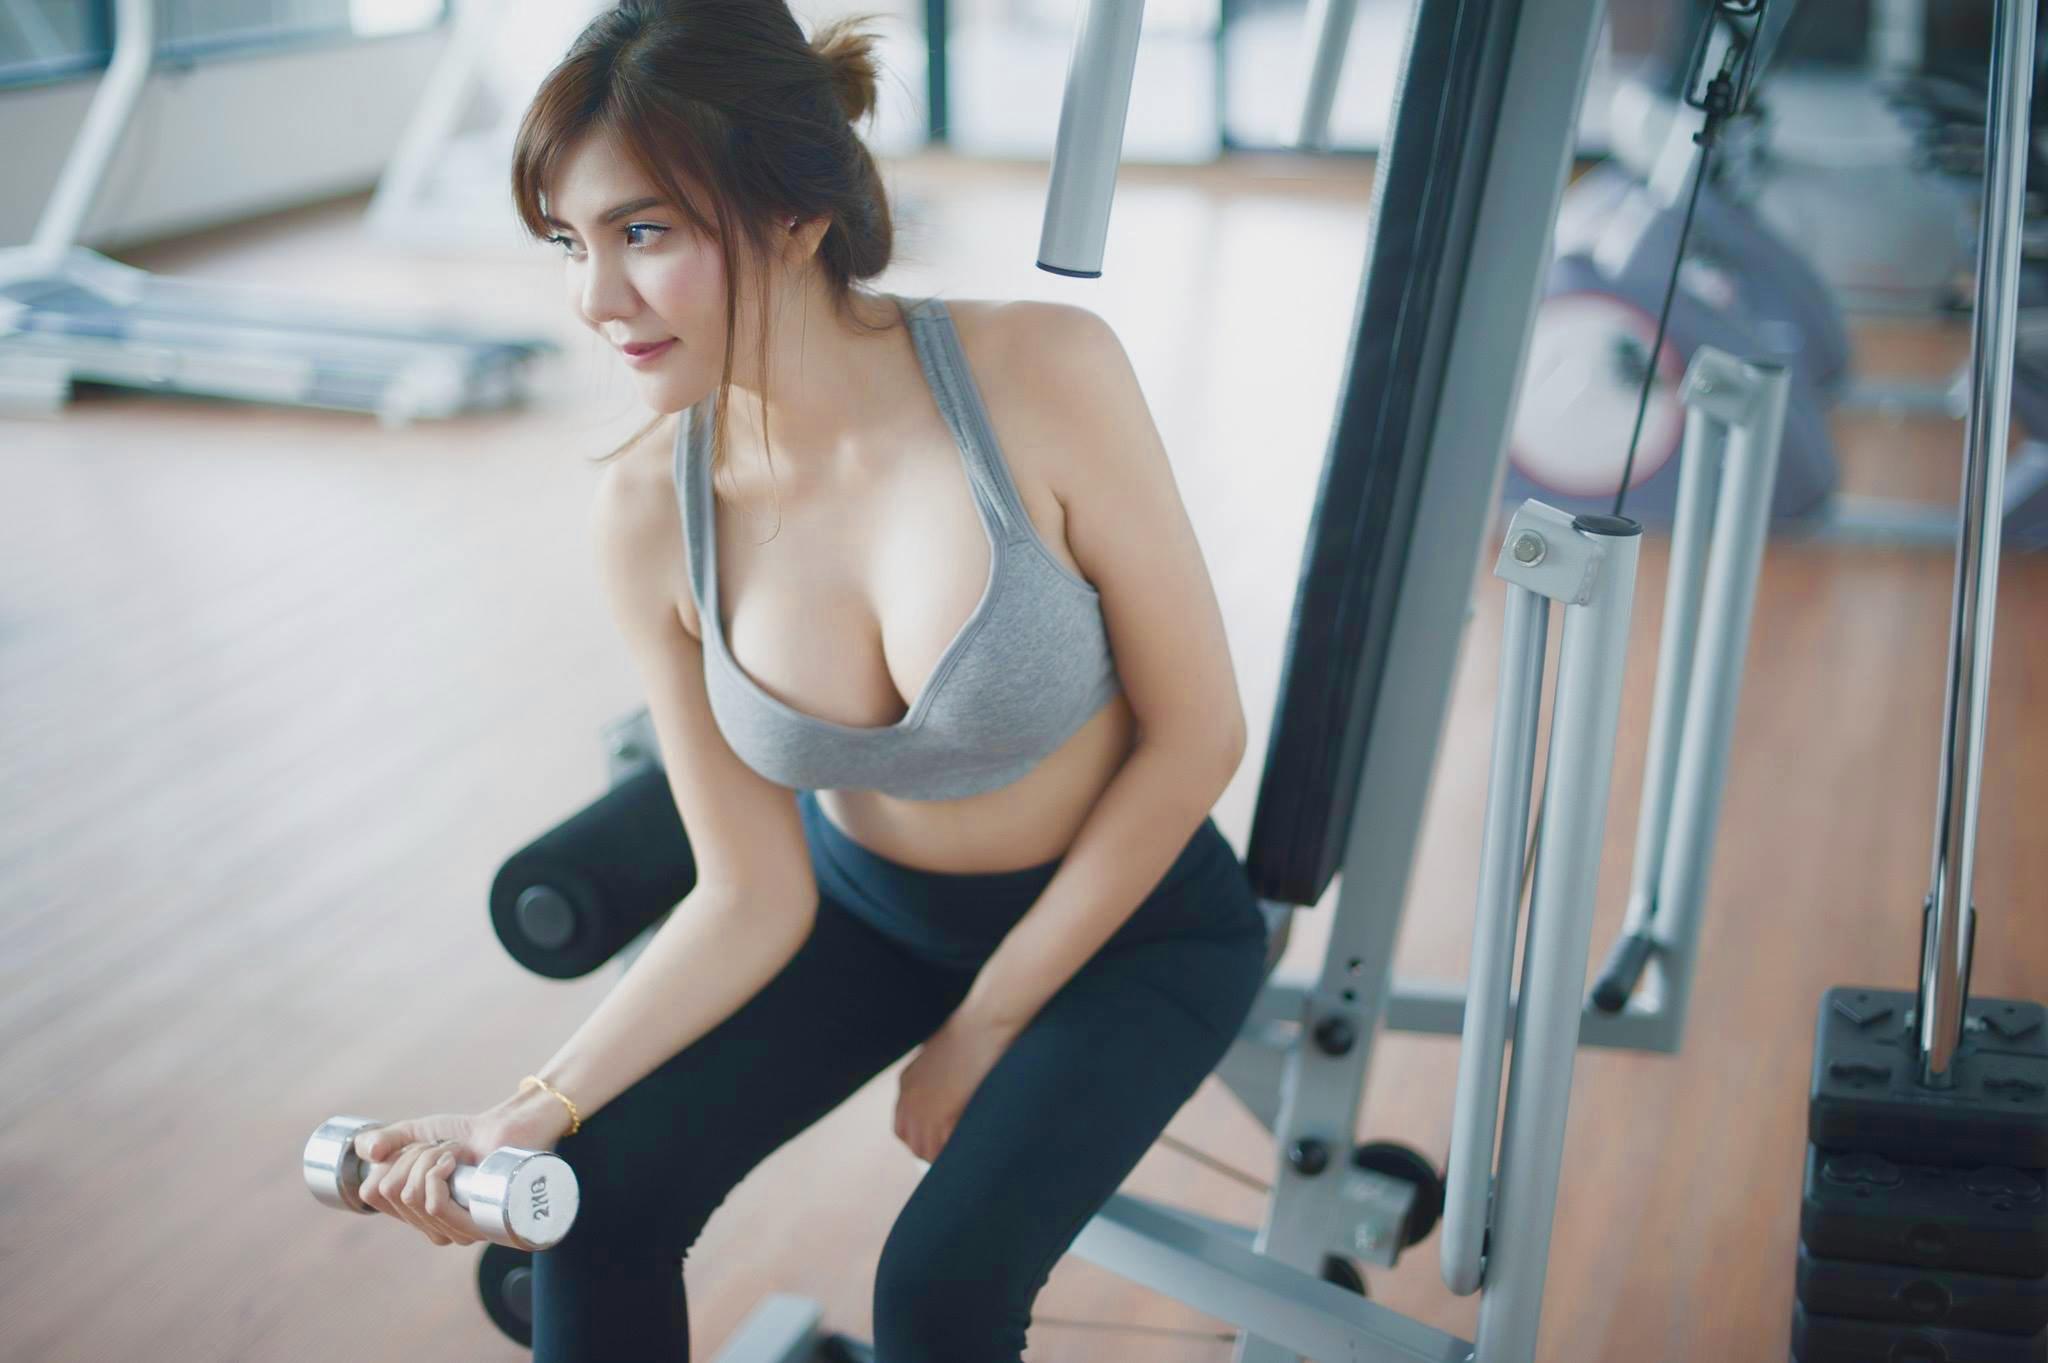 Làm thế nào để vượt qua rào cản lười tập thể dục?